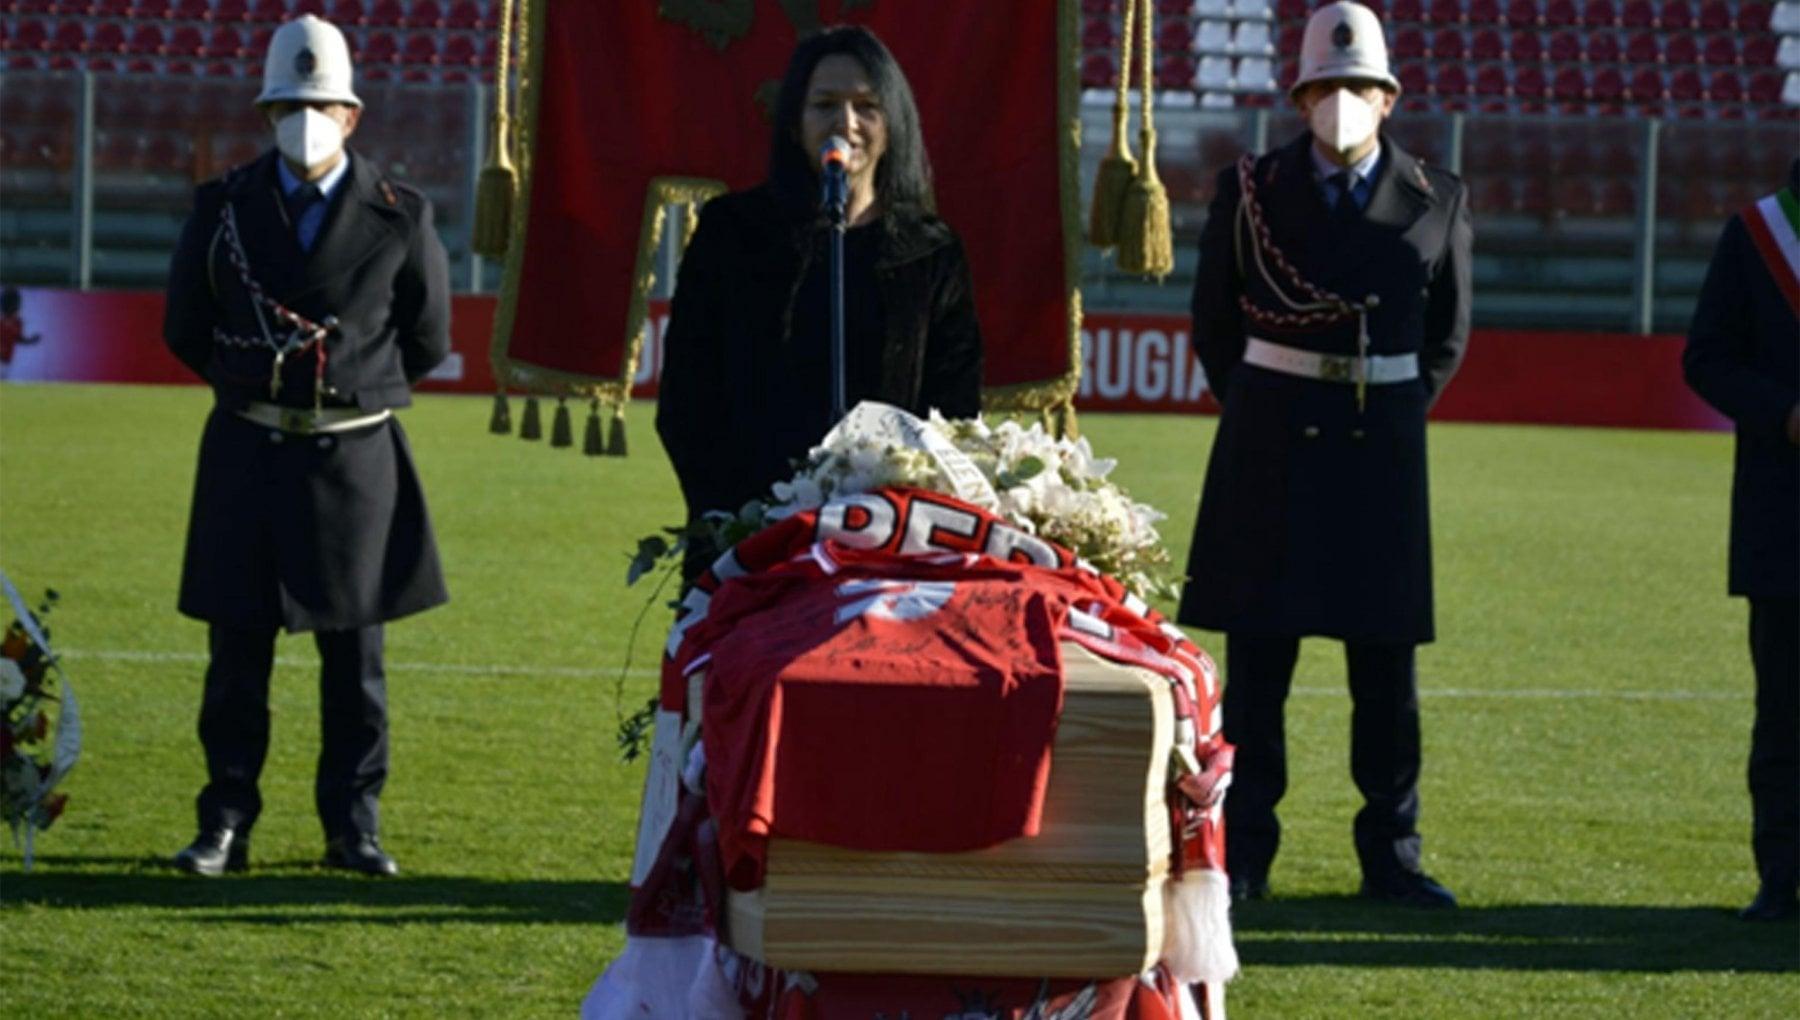 Furto in casa di Paolo Rossi durante i funerali. La moglie Infangato nel giorno in cui lItalia lo piangeva